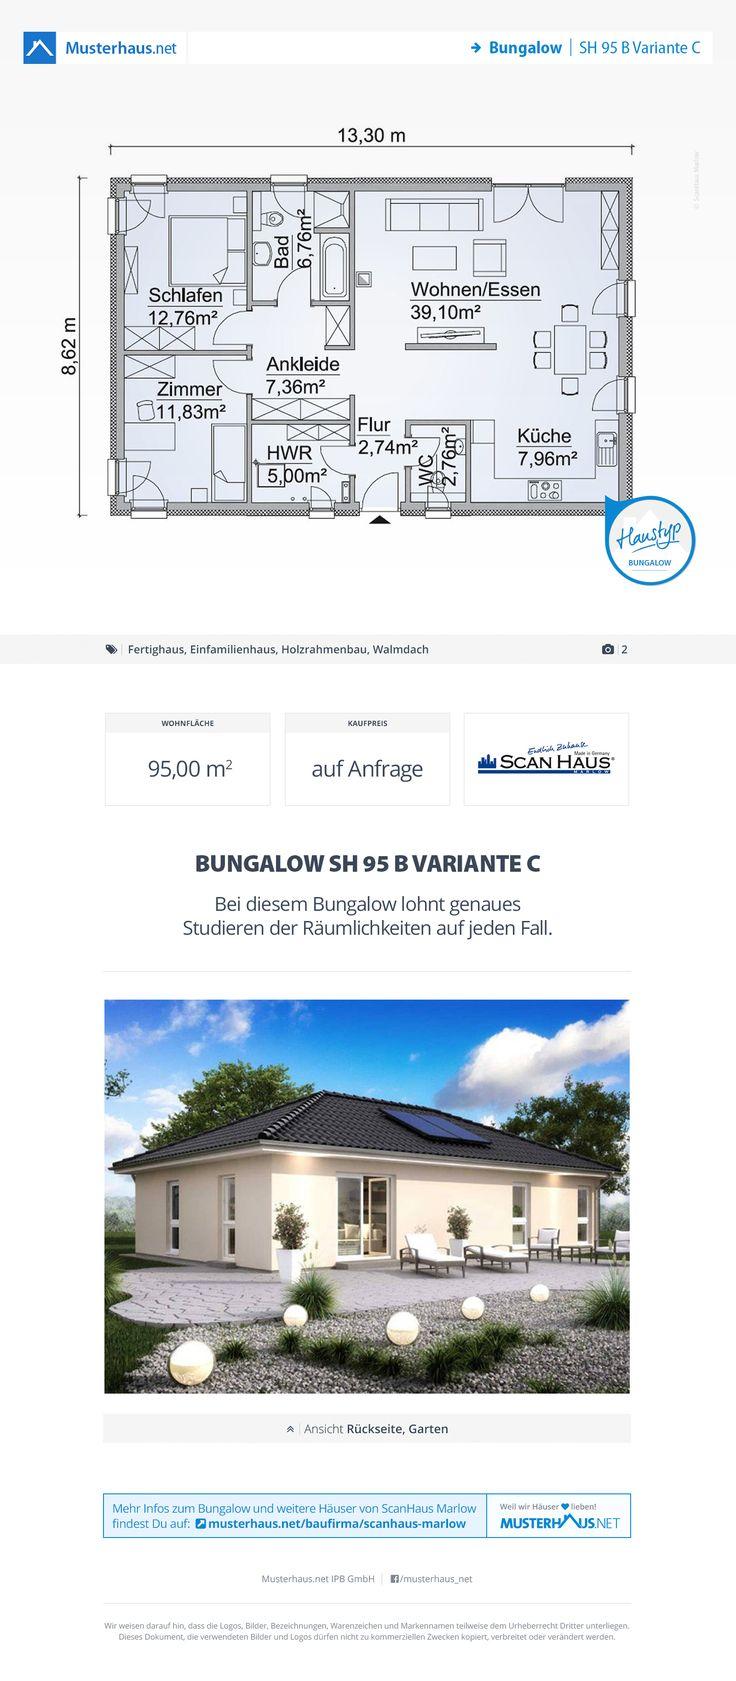 Bungalow, Grundriss, 95 m², Einfamilienhaus, Walmdach